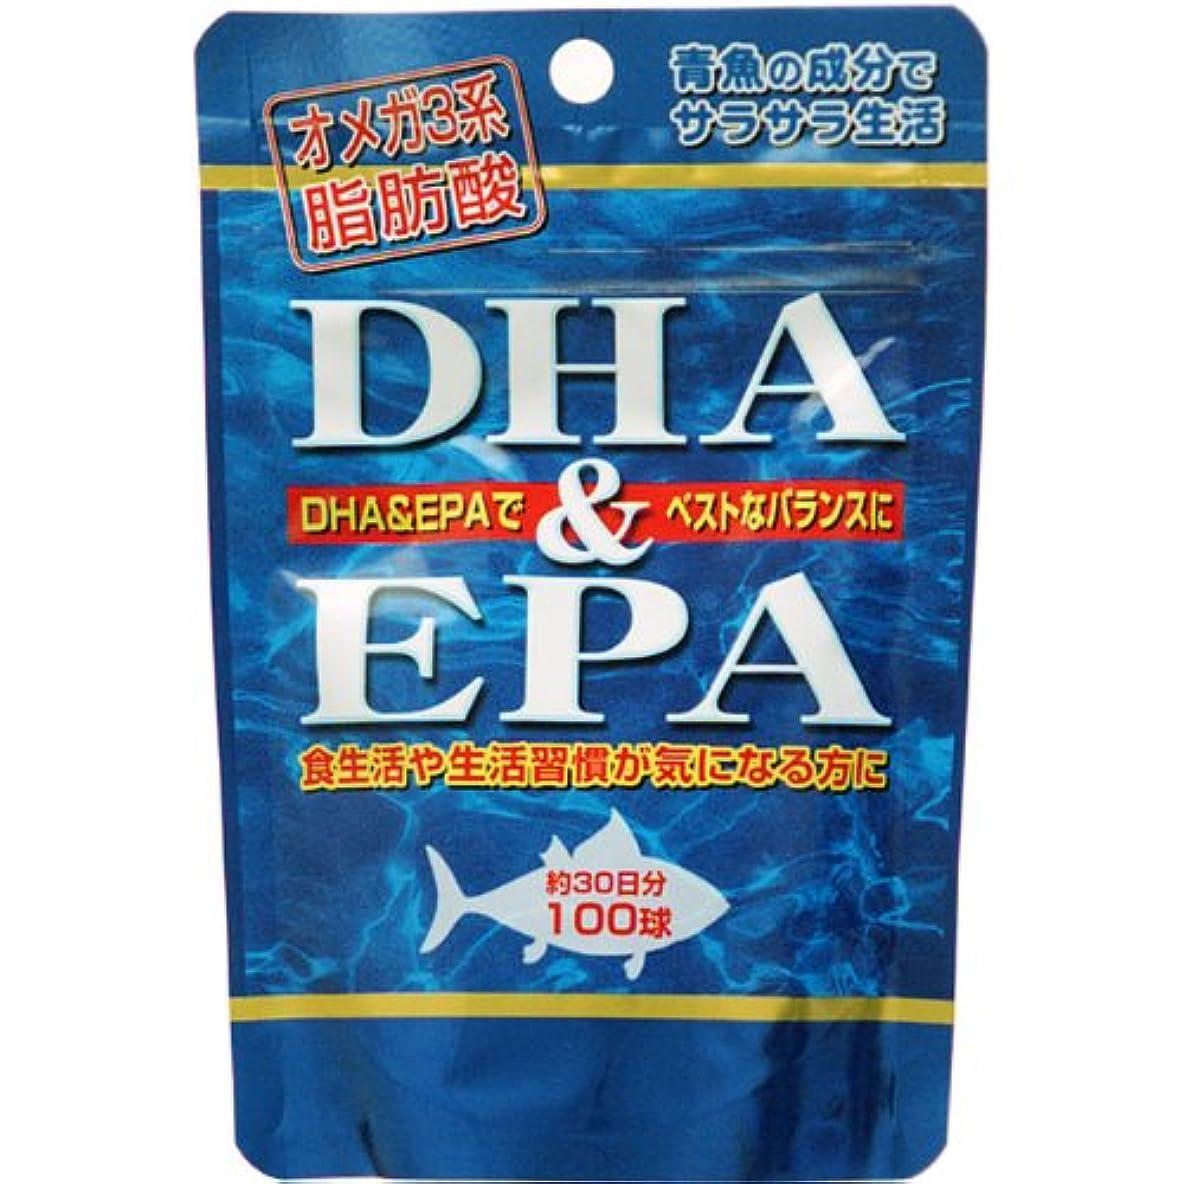 迅速広く食器棚DHA(ドコサヘキサエン酸)&EPA(エイコサペンタエン酸)